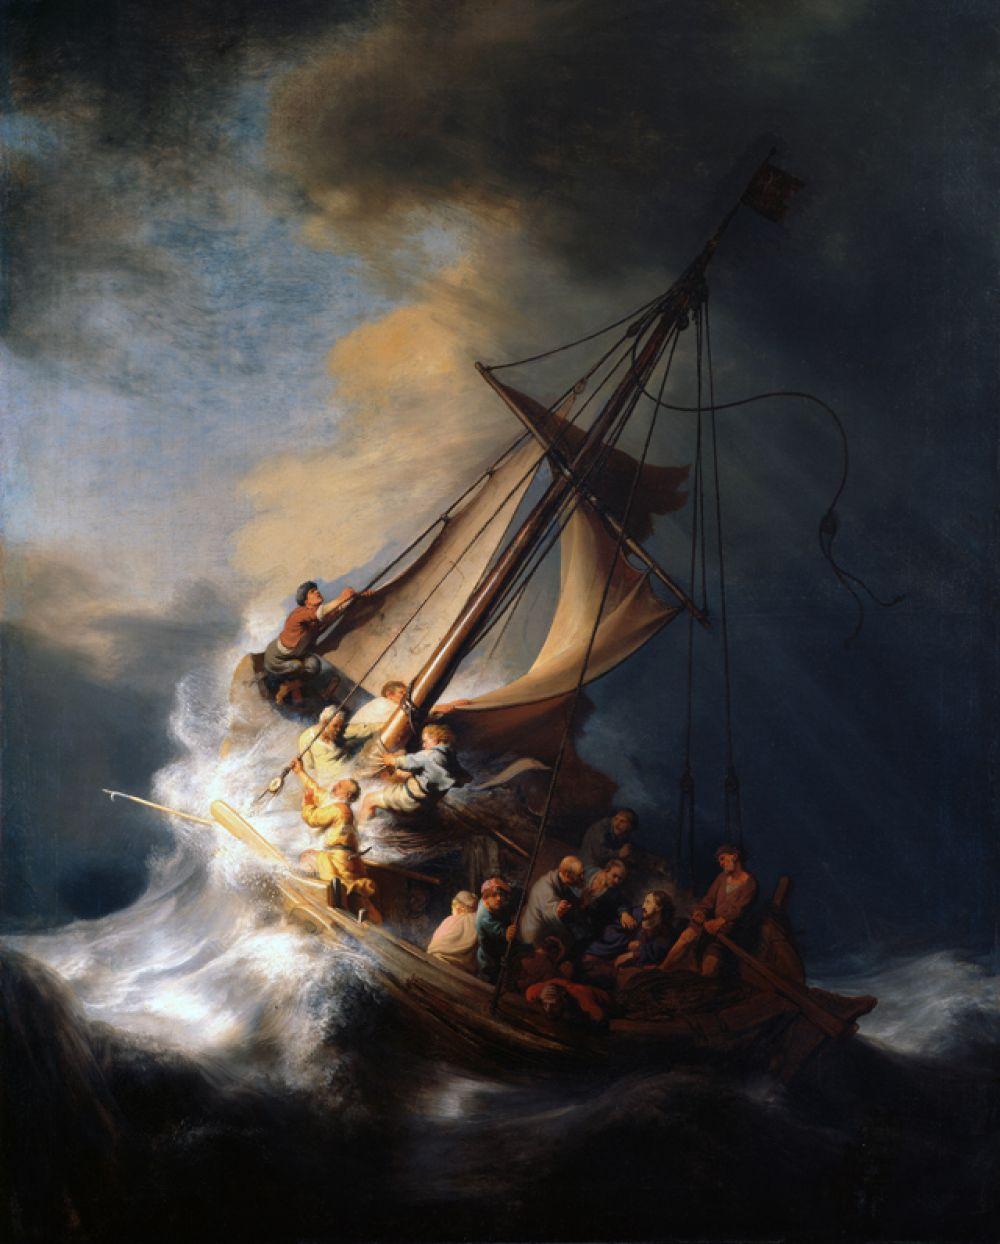 «Христос во время шторма на море Галилейском» (1633). Единственный существующий морской пейзаж Рембрандта. Картина изображает чудо Иисуса, который успокаивает бурю, как это описано в Евангелии. В 1990 году полотно было украдено из музея Изабеллы Стюарт Гарднер в Бостоне.